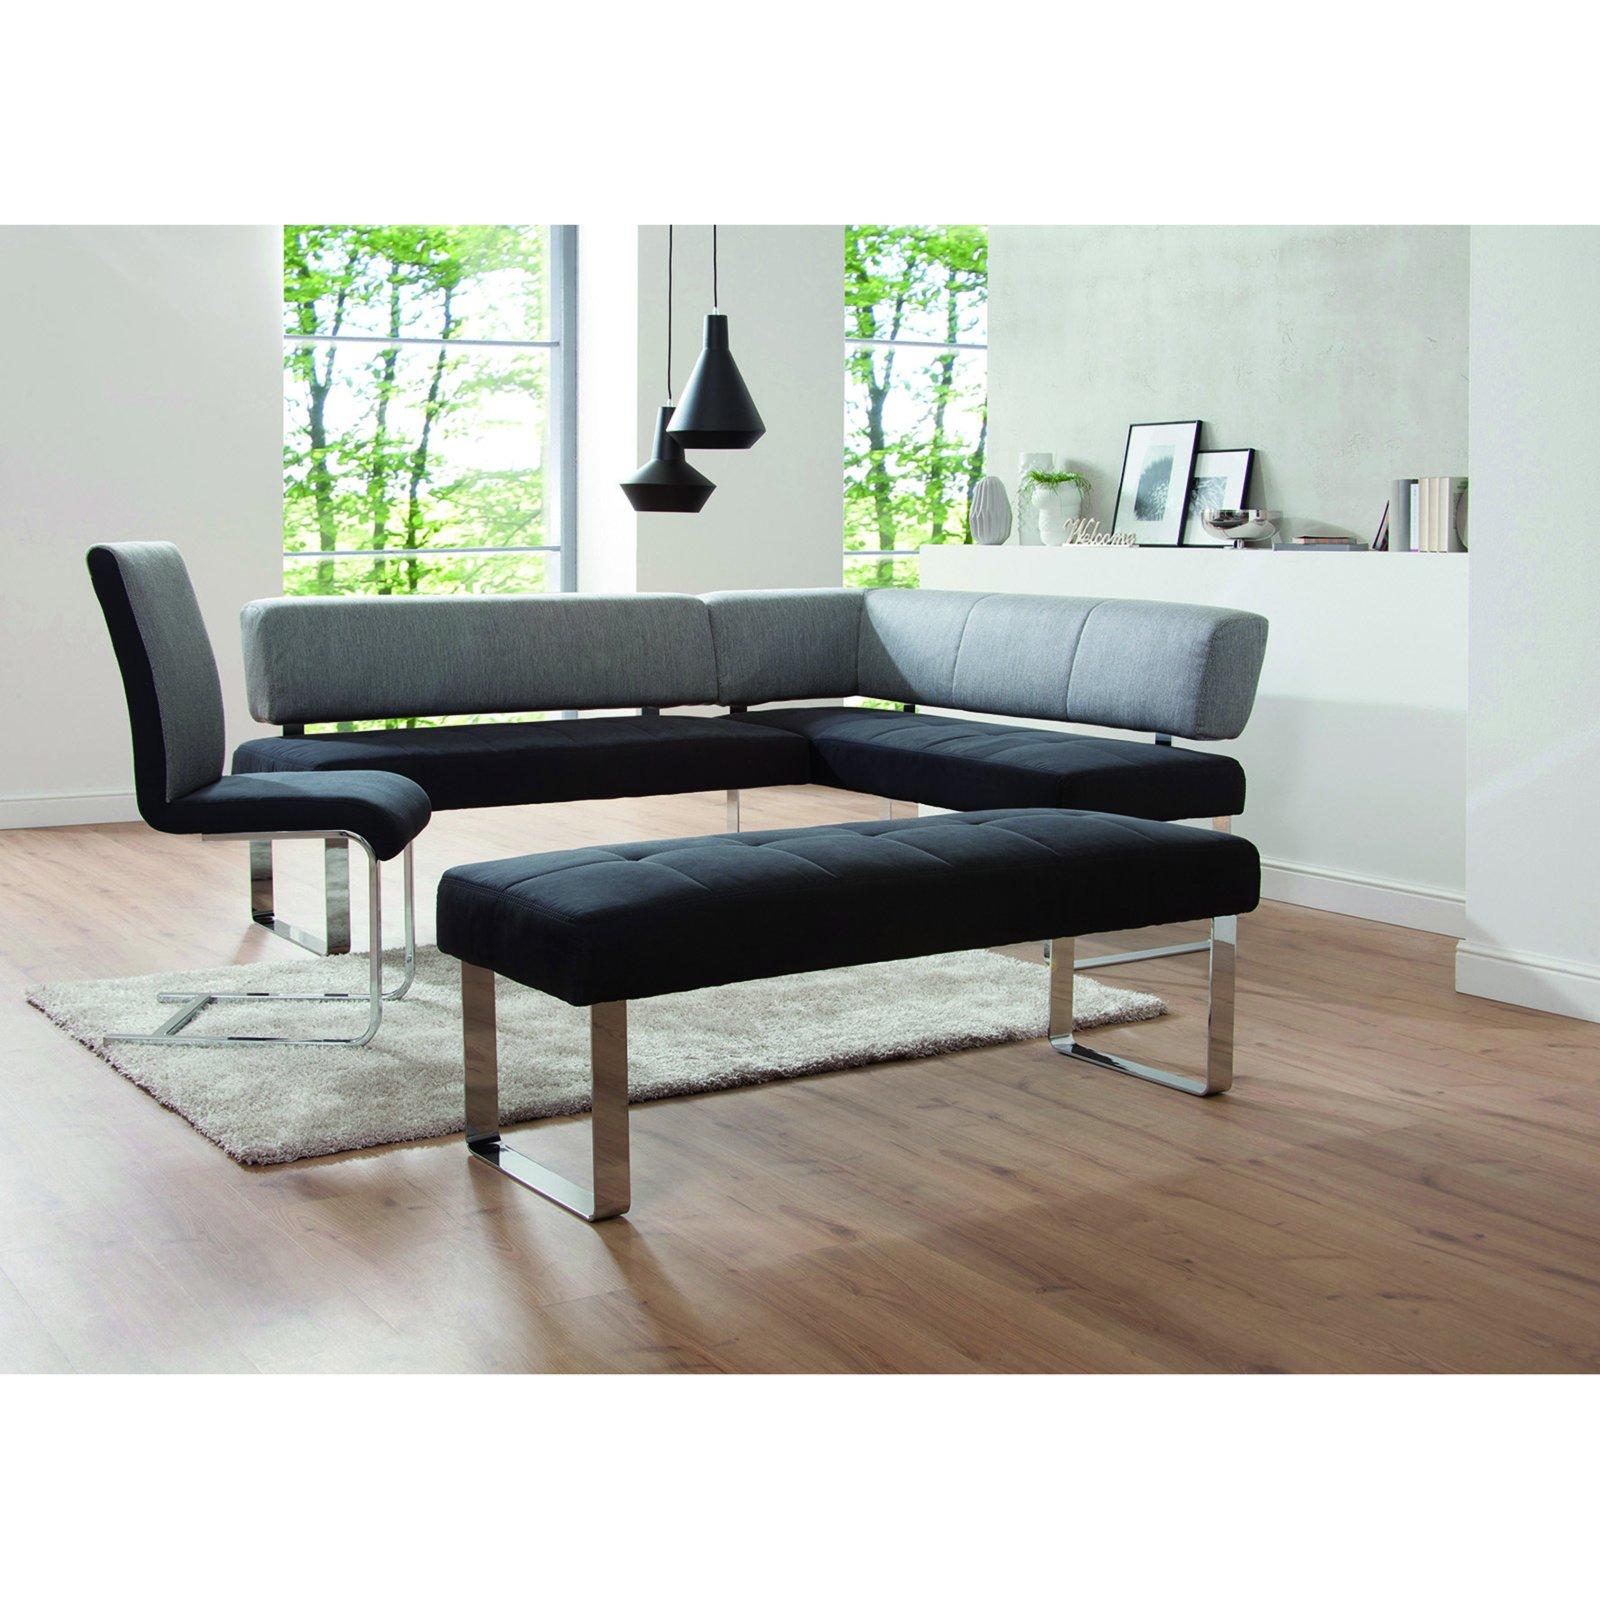 roller eckbank schwarz grau microfaser ebay. Black Bedroom Furniture Sets. Home Design Ideas